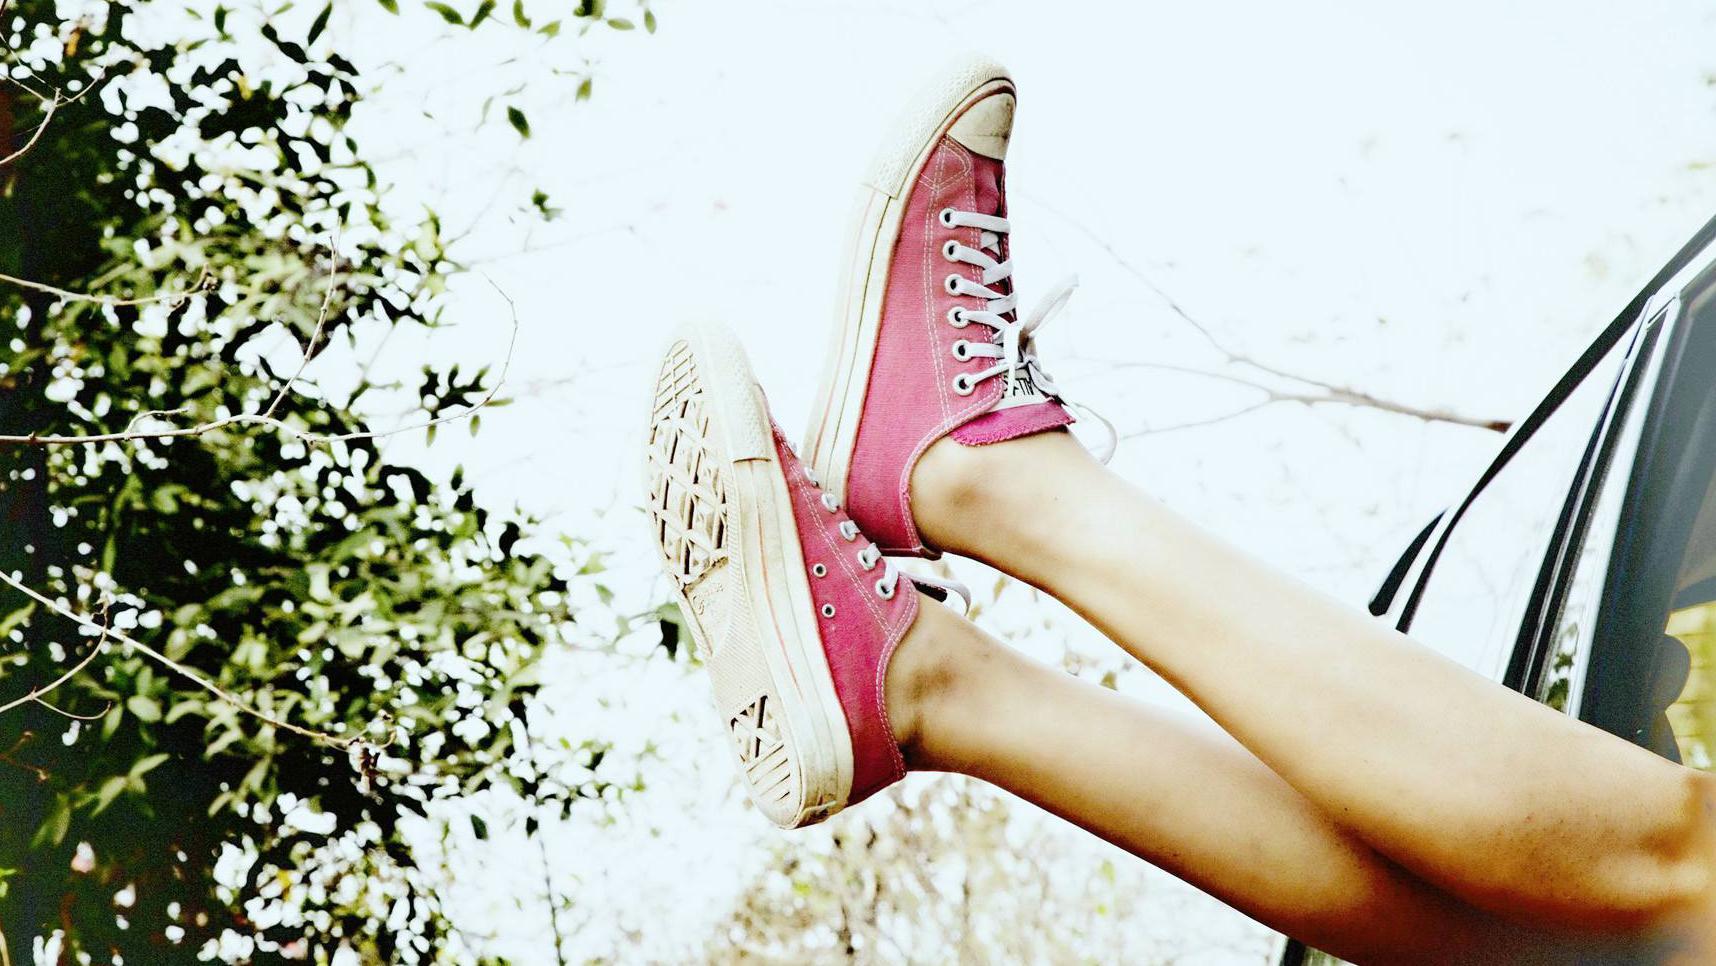 俘获人心的帆布鞋,尽显运动时尚